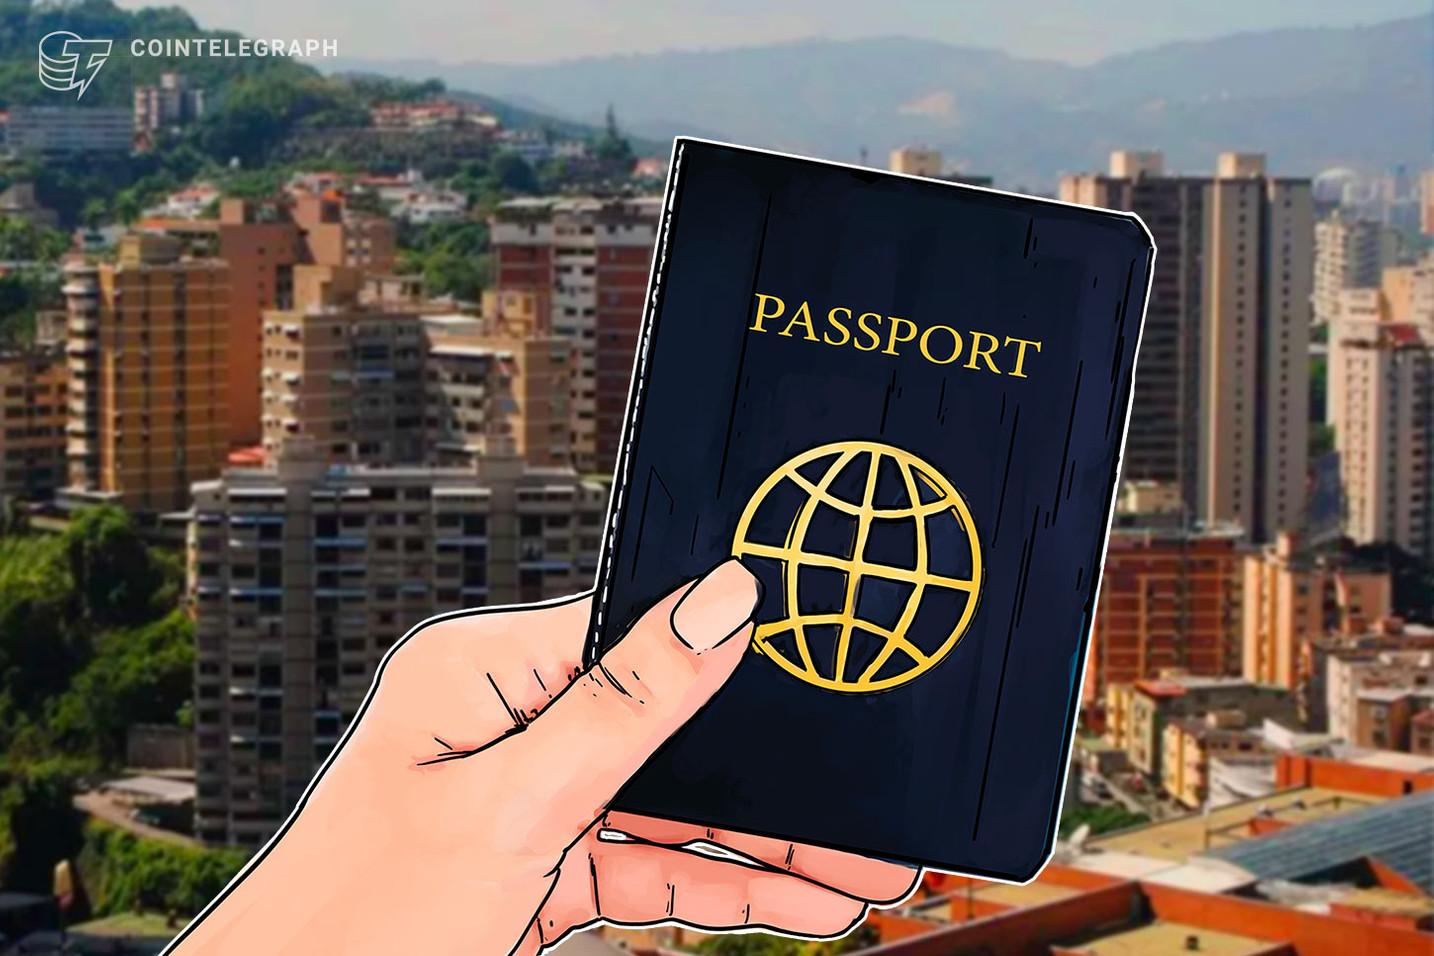 """فنزويلا تفرض دفع رسوم جوازات السفر في فنزويلا بالعملة المشفرة المثيرة للجدل """"بترو"""""""